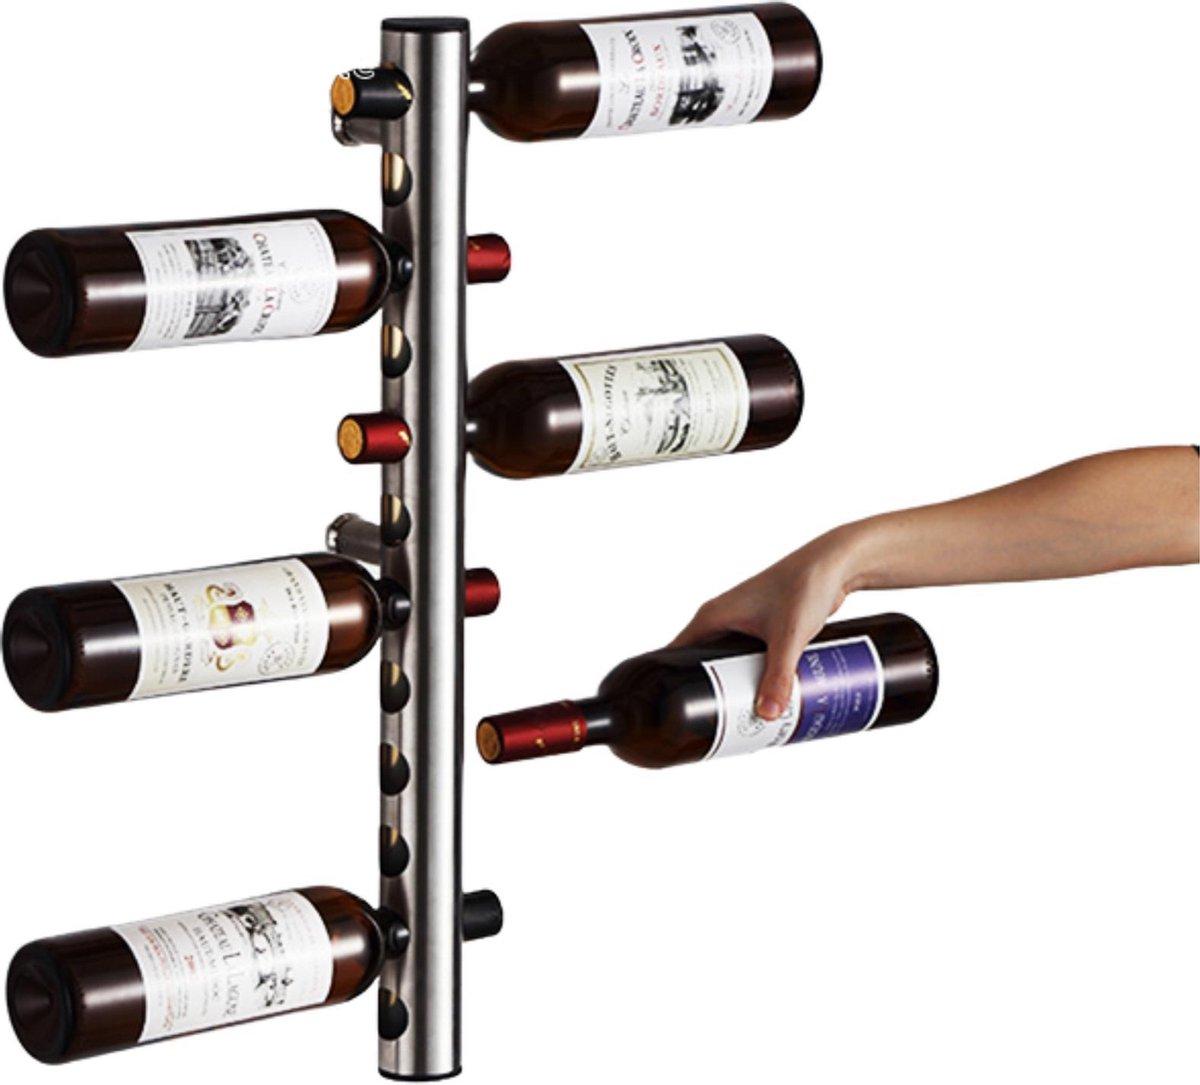 Homeson wijnrek 12 gaten - Wijnhouder - Wijnflessen houder - Op hangen - 12 flessen/gaten